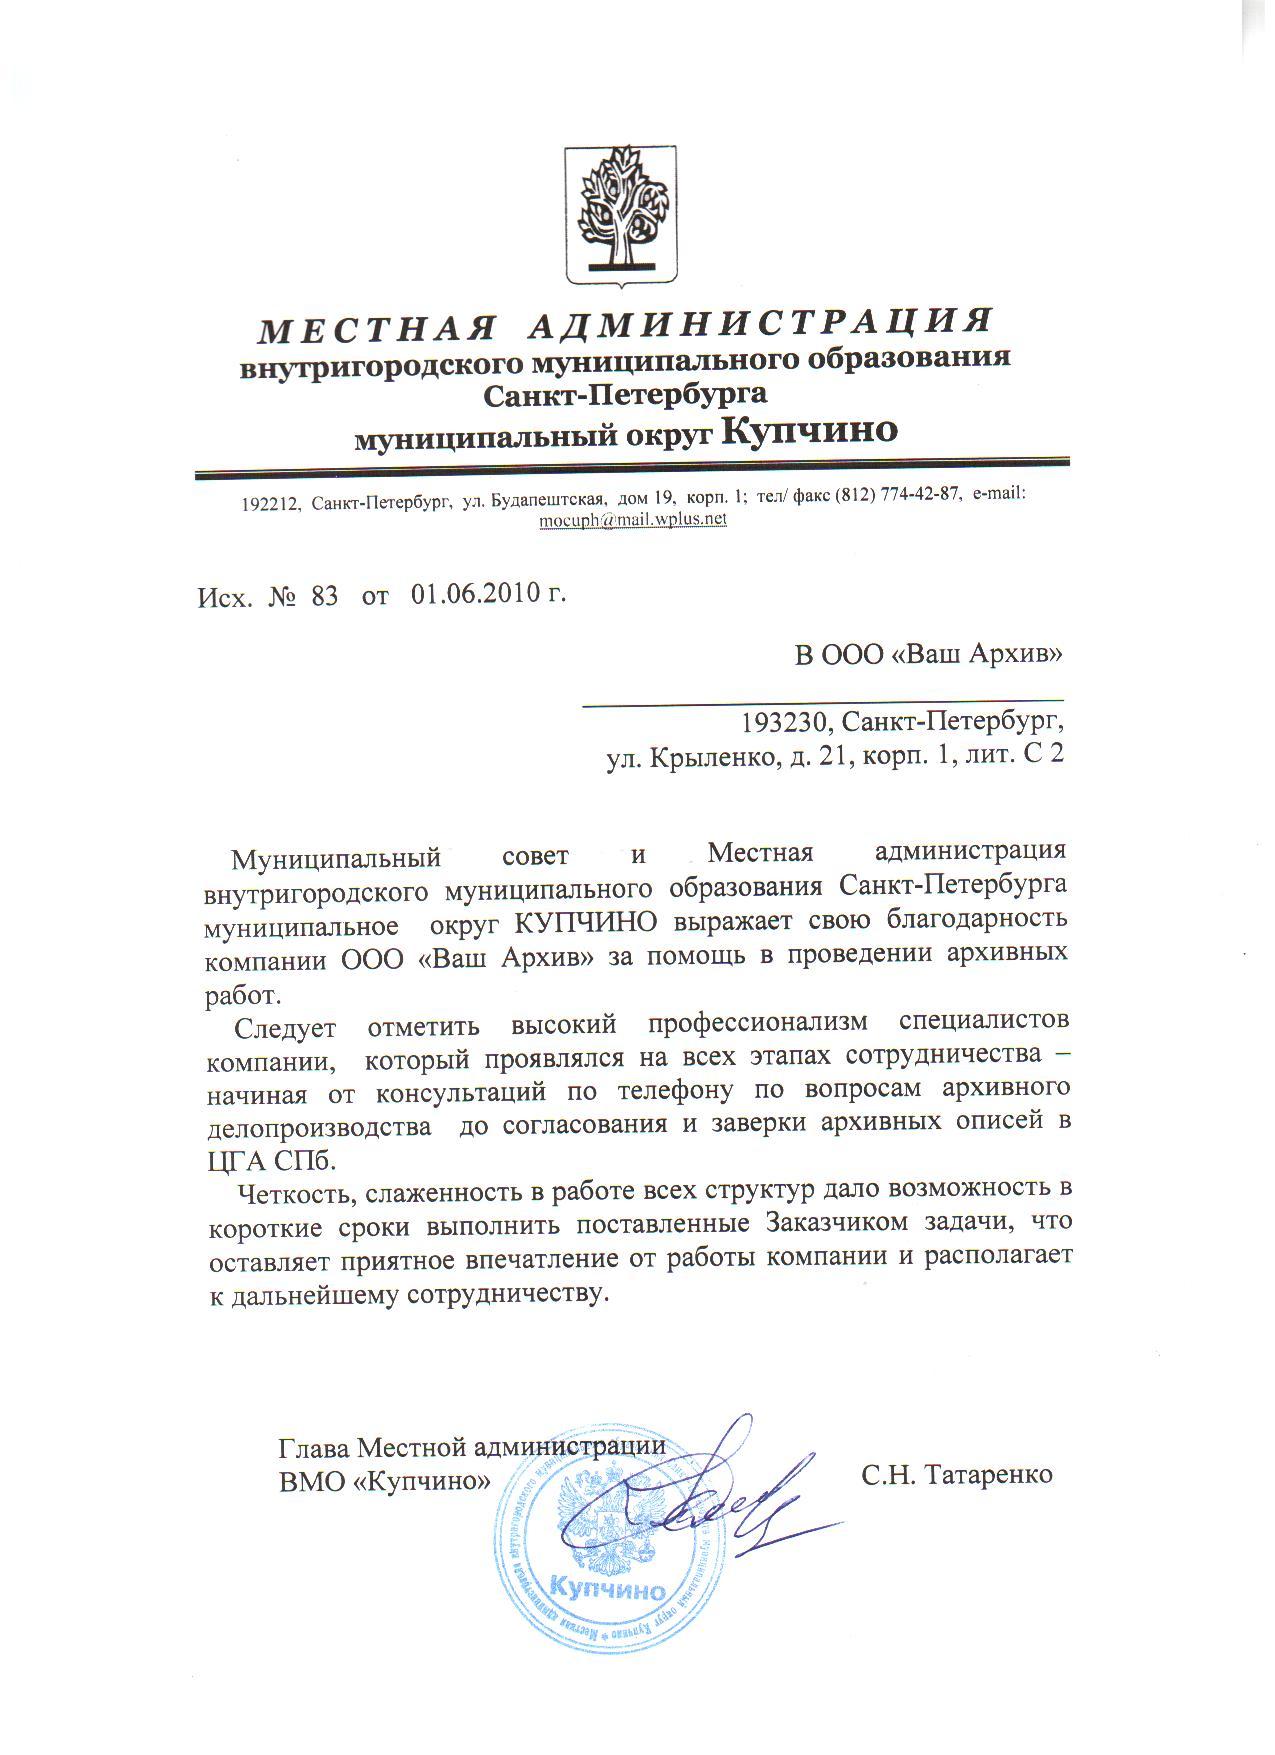 МА МО СПб МО Купчино